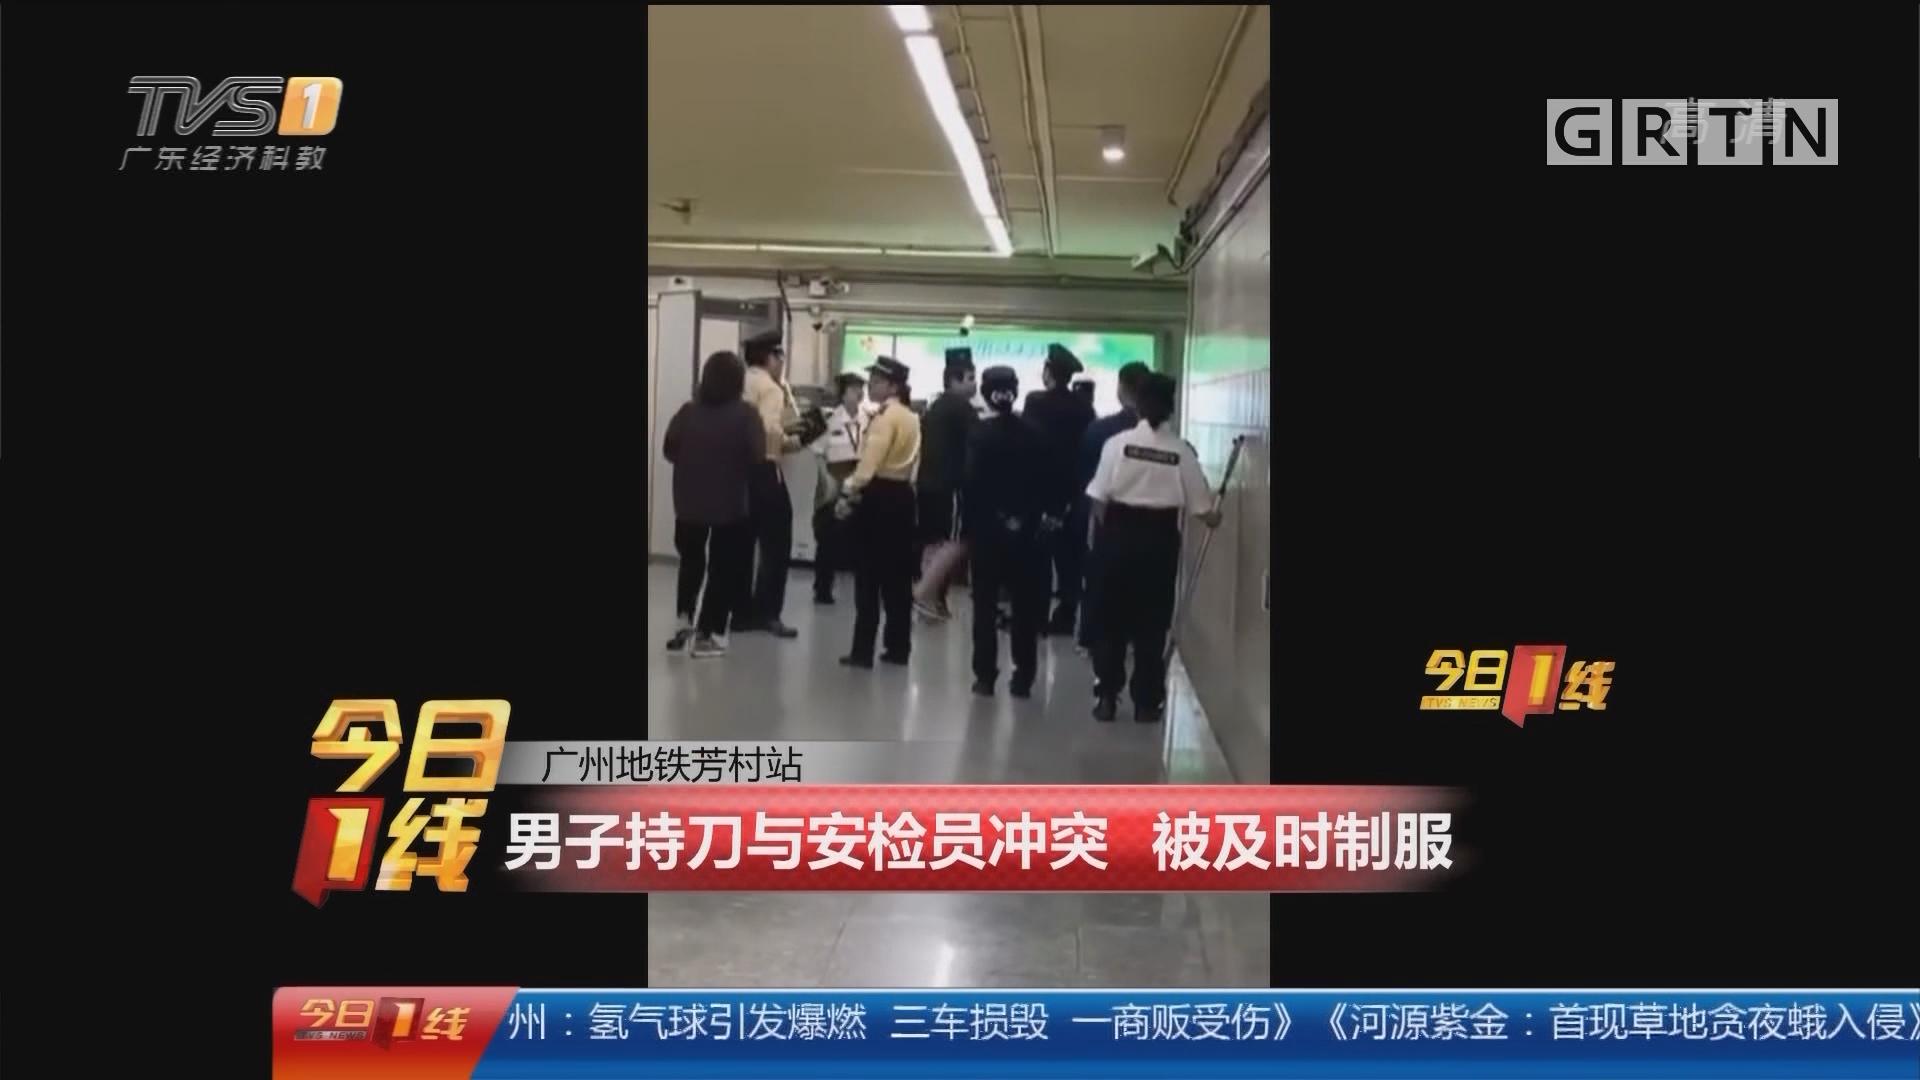 广州地铁芳村站:男子持刀与安检员冲突 被及时制服